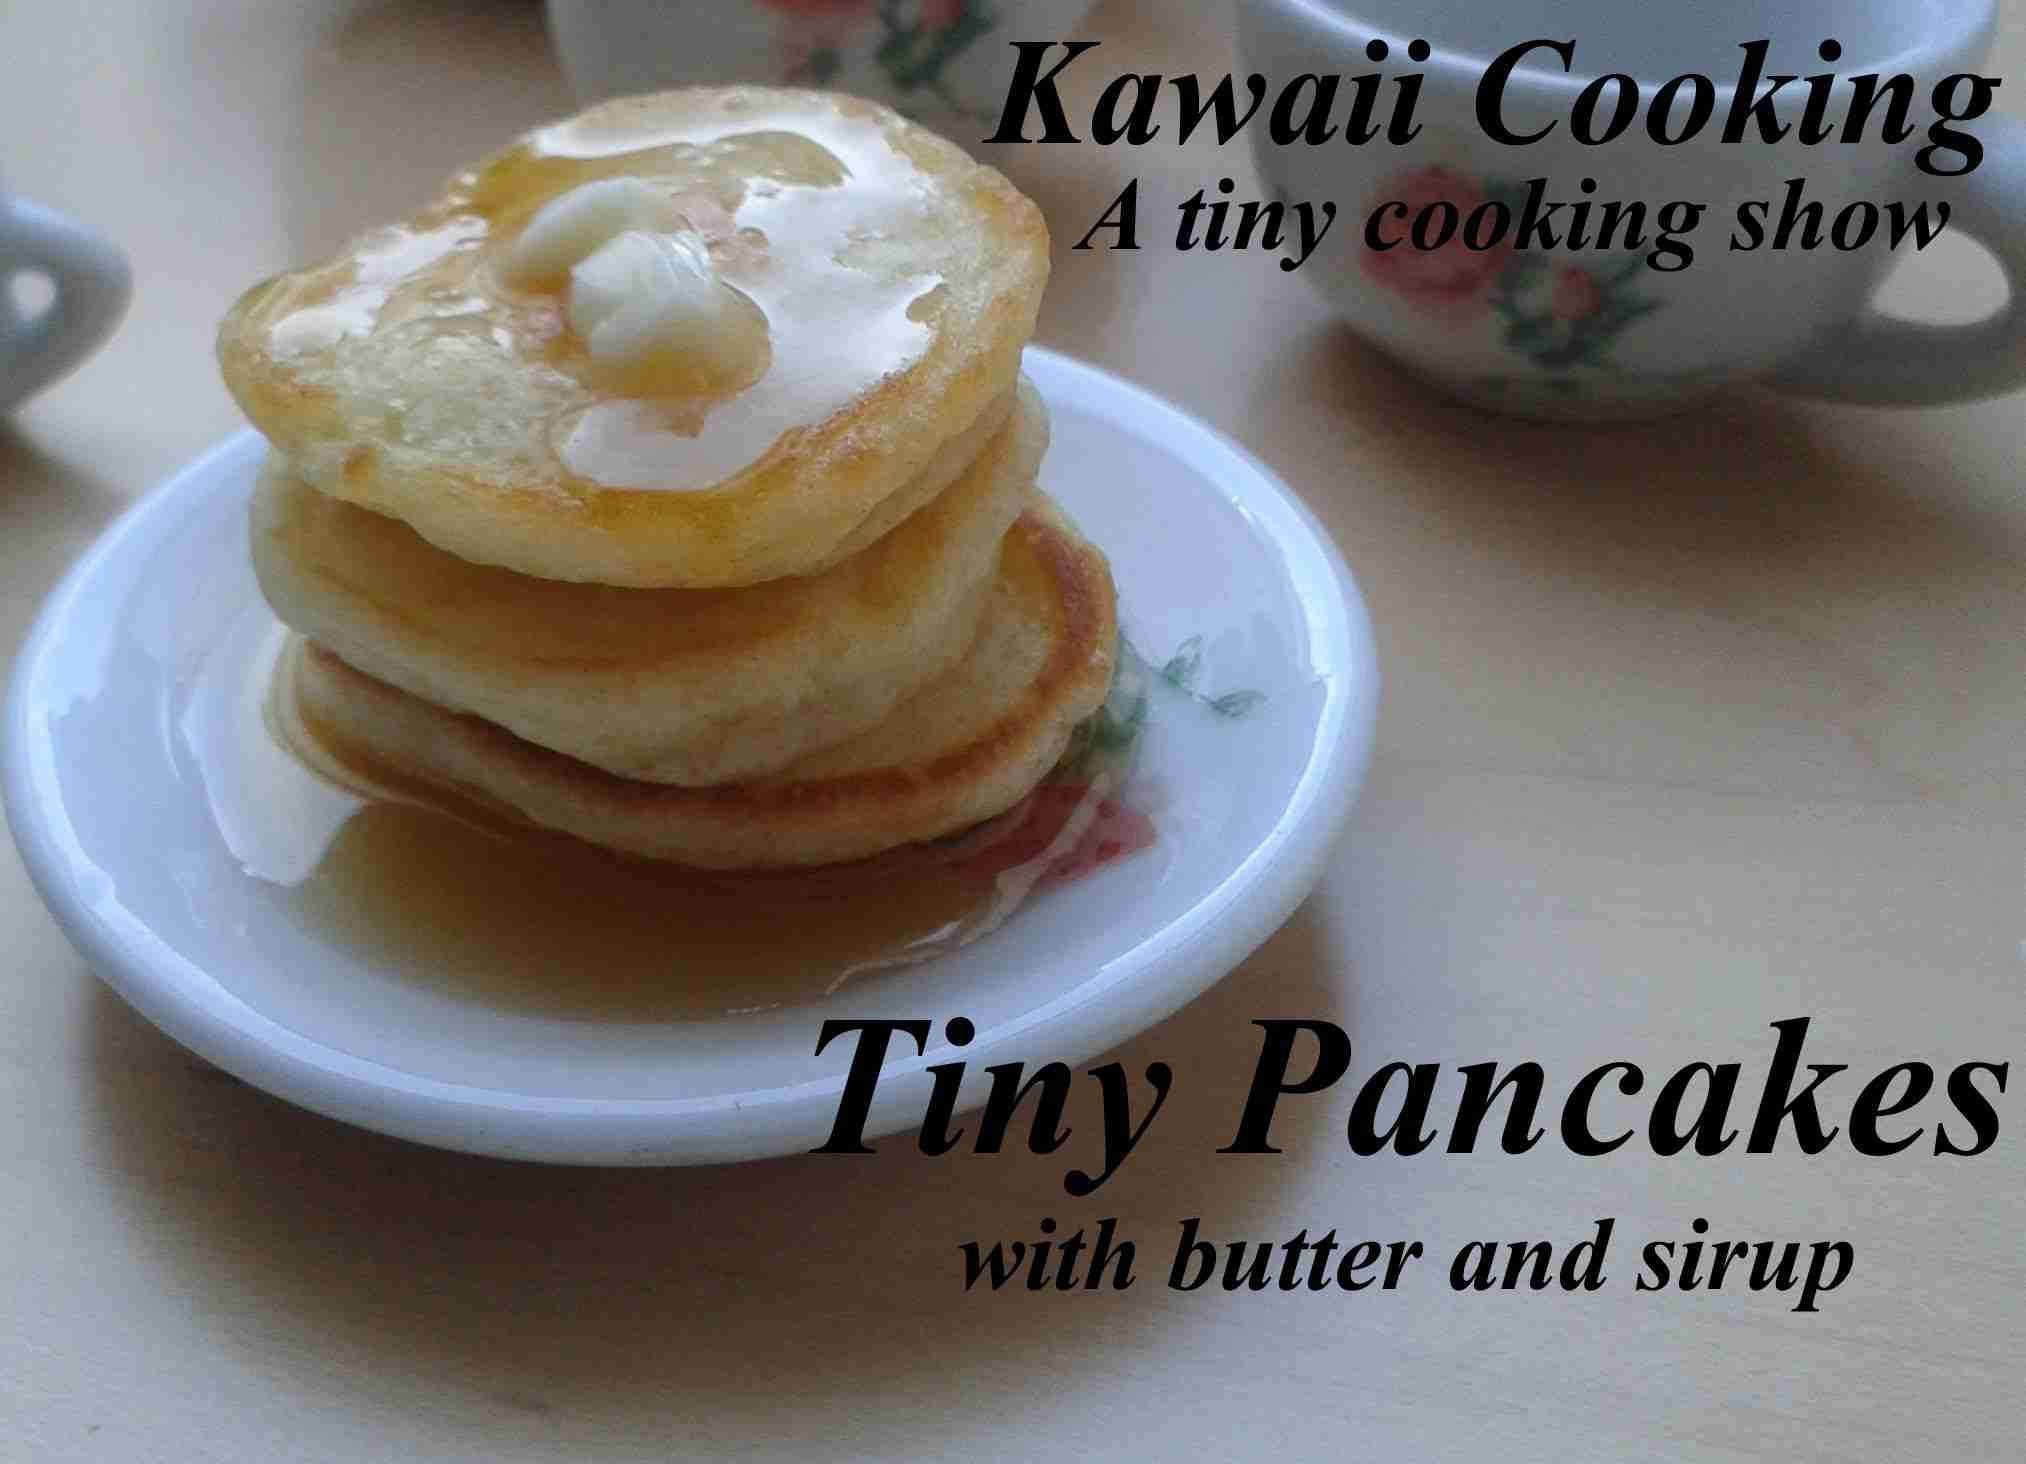 Tiny pancakes (Edible) - Kawaii Cooking - a tiny cooking show - YouTube